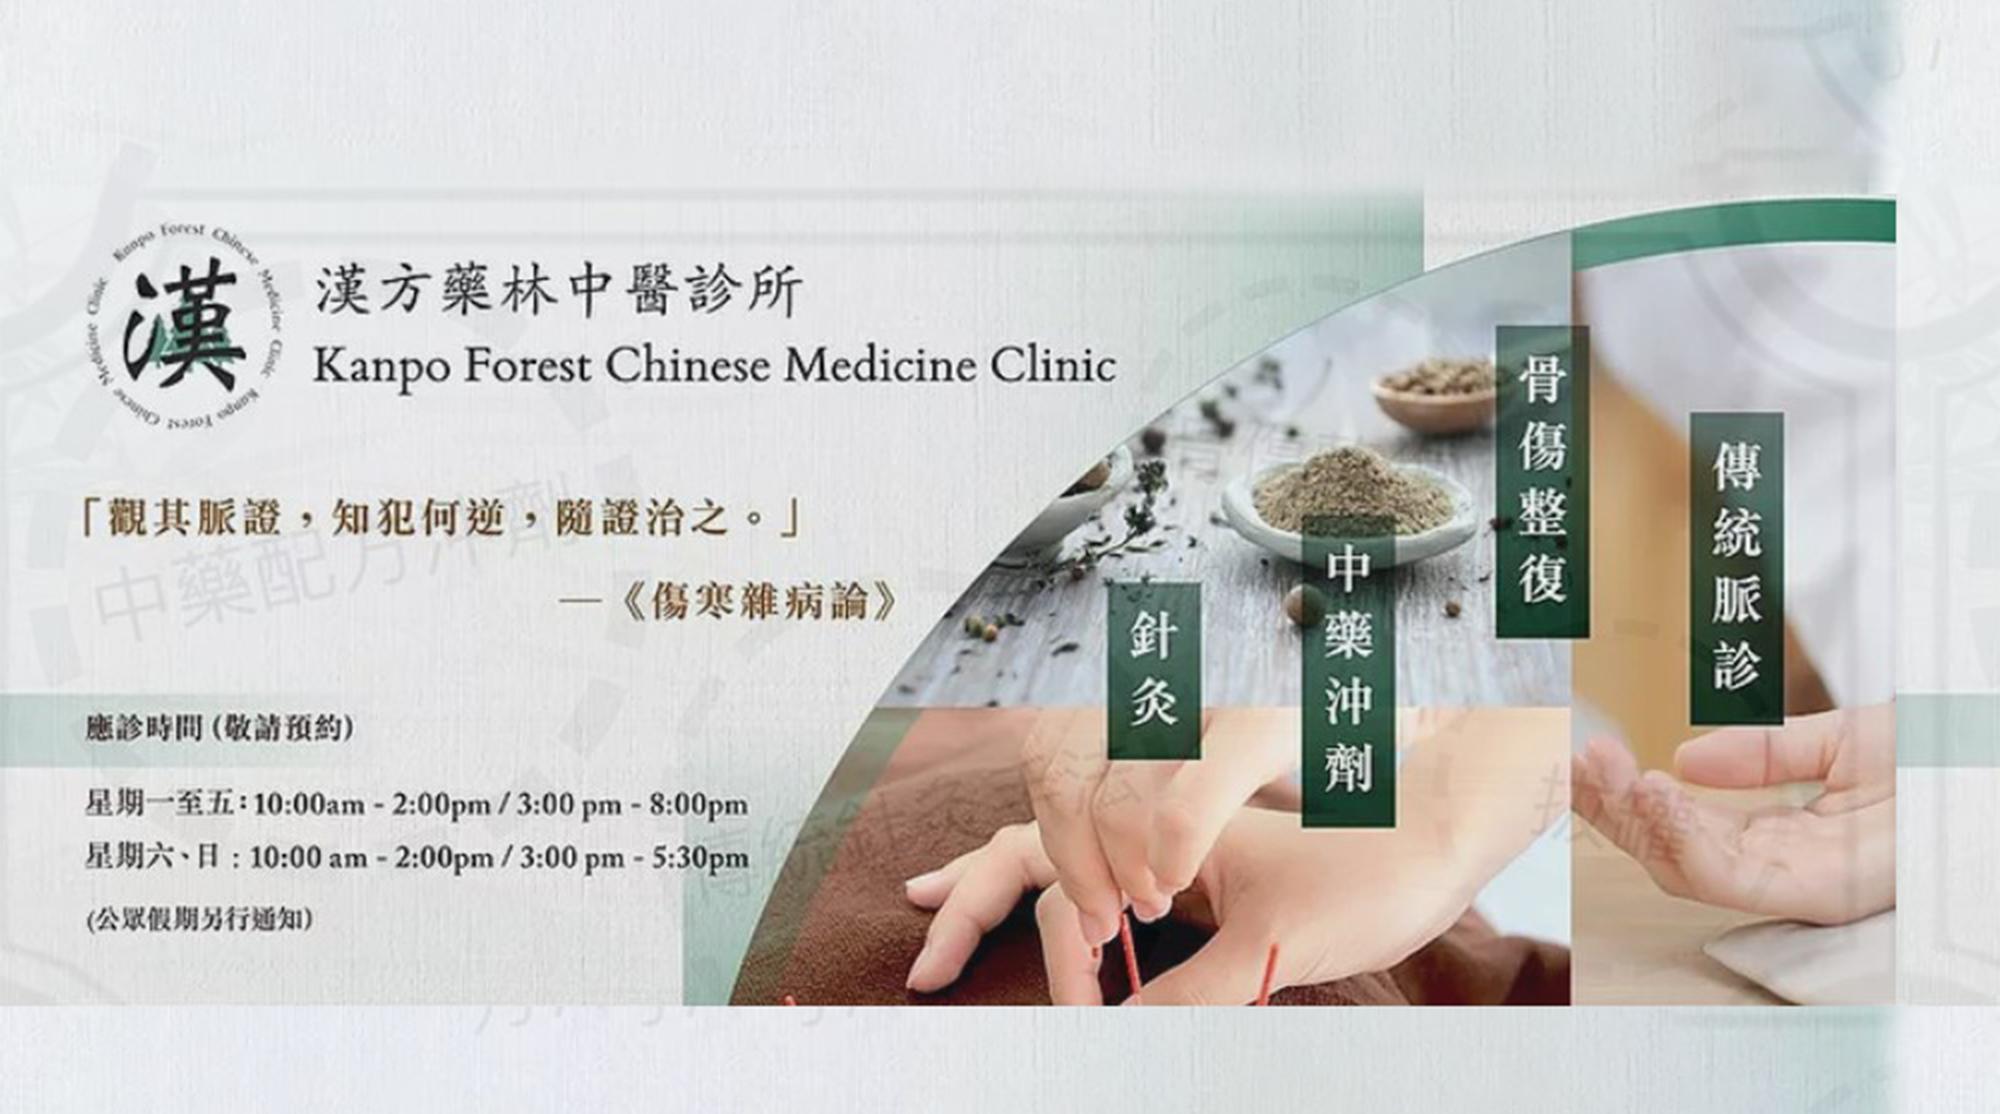 汉方药林中医诊所: 传统针灸治疗正价9折优惠 @淘大商场